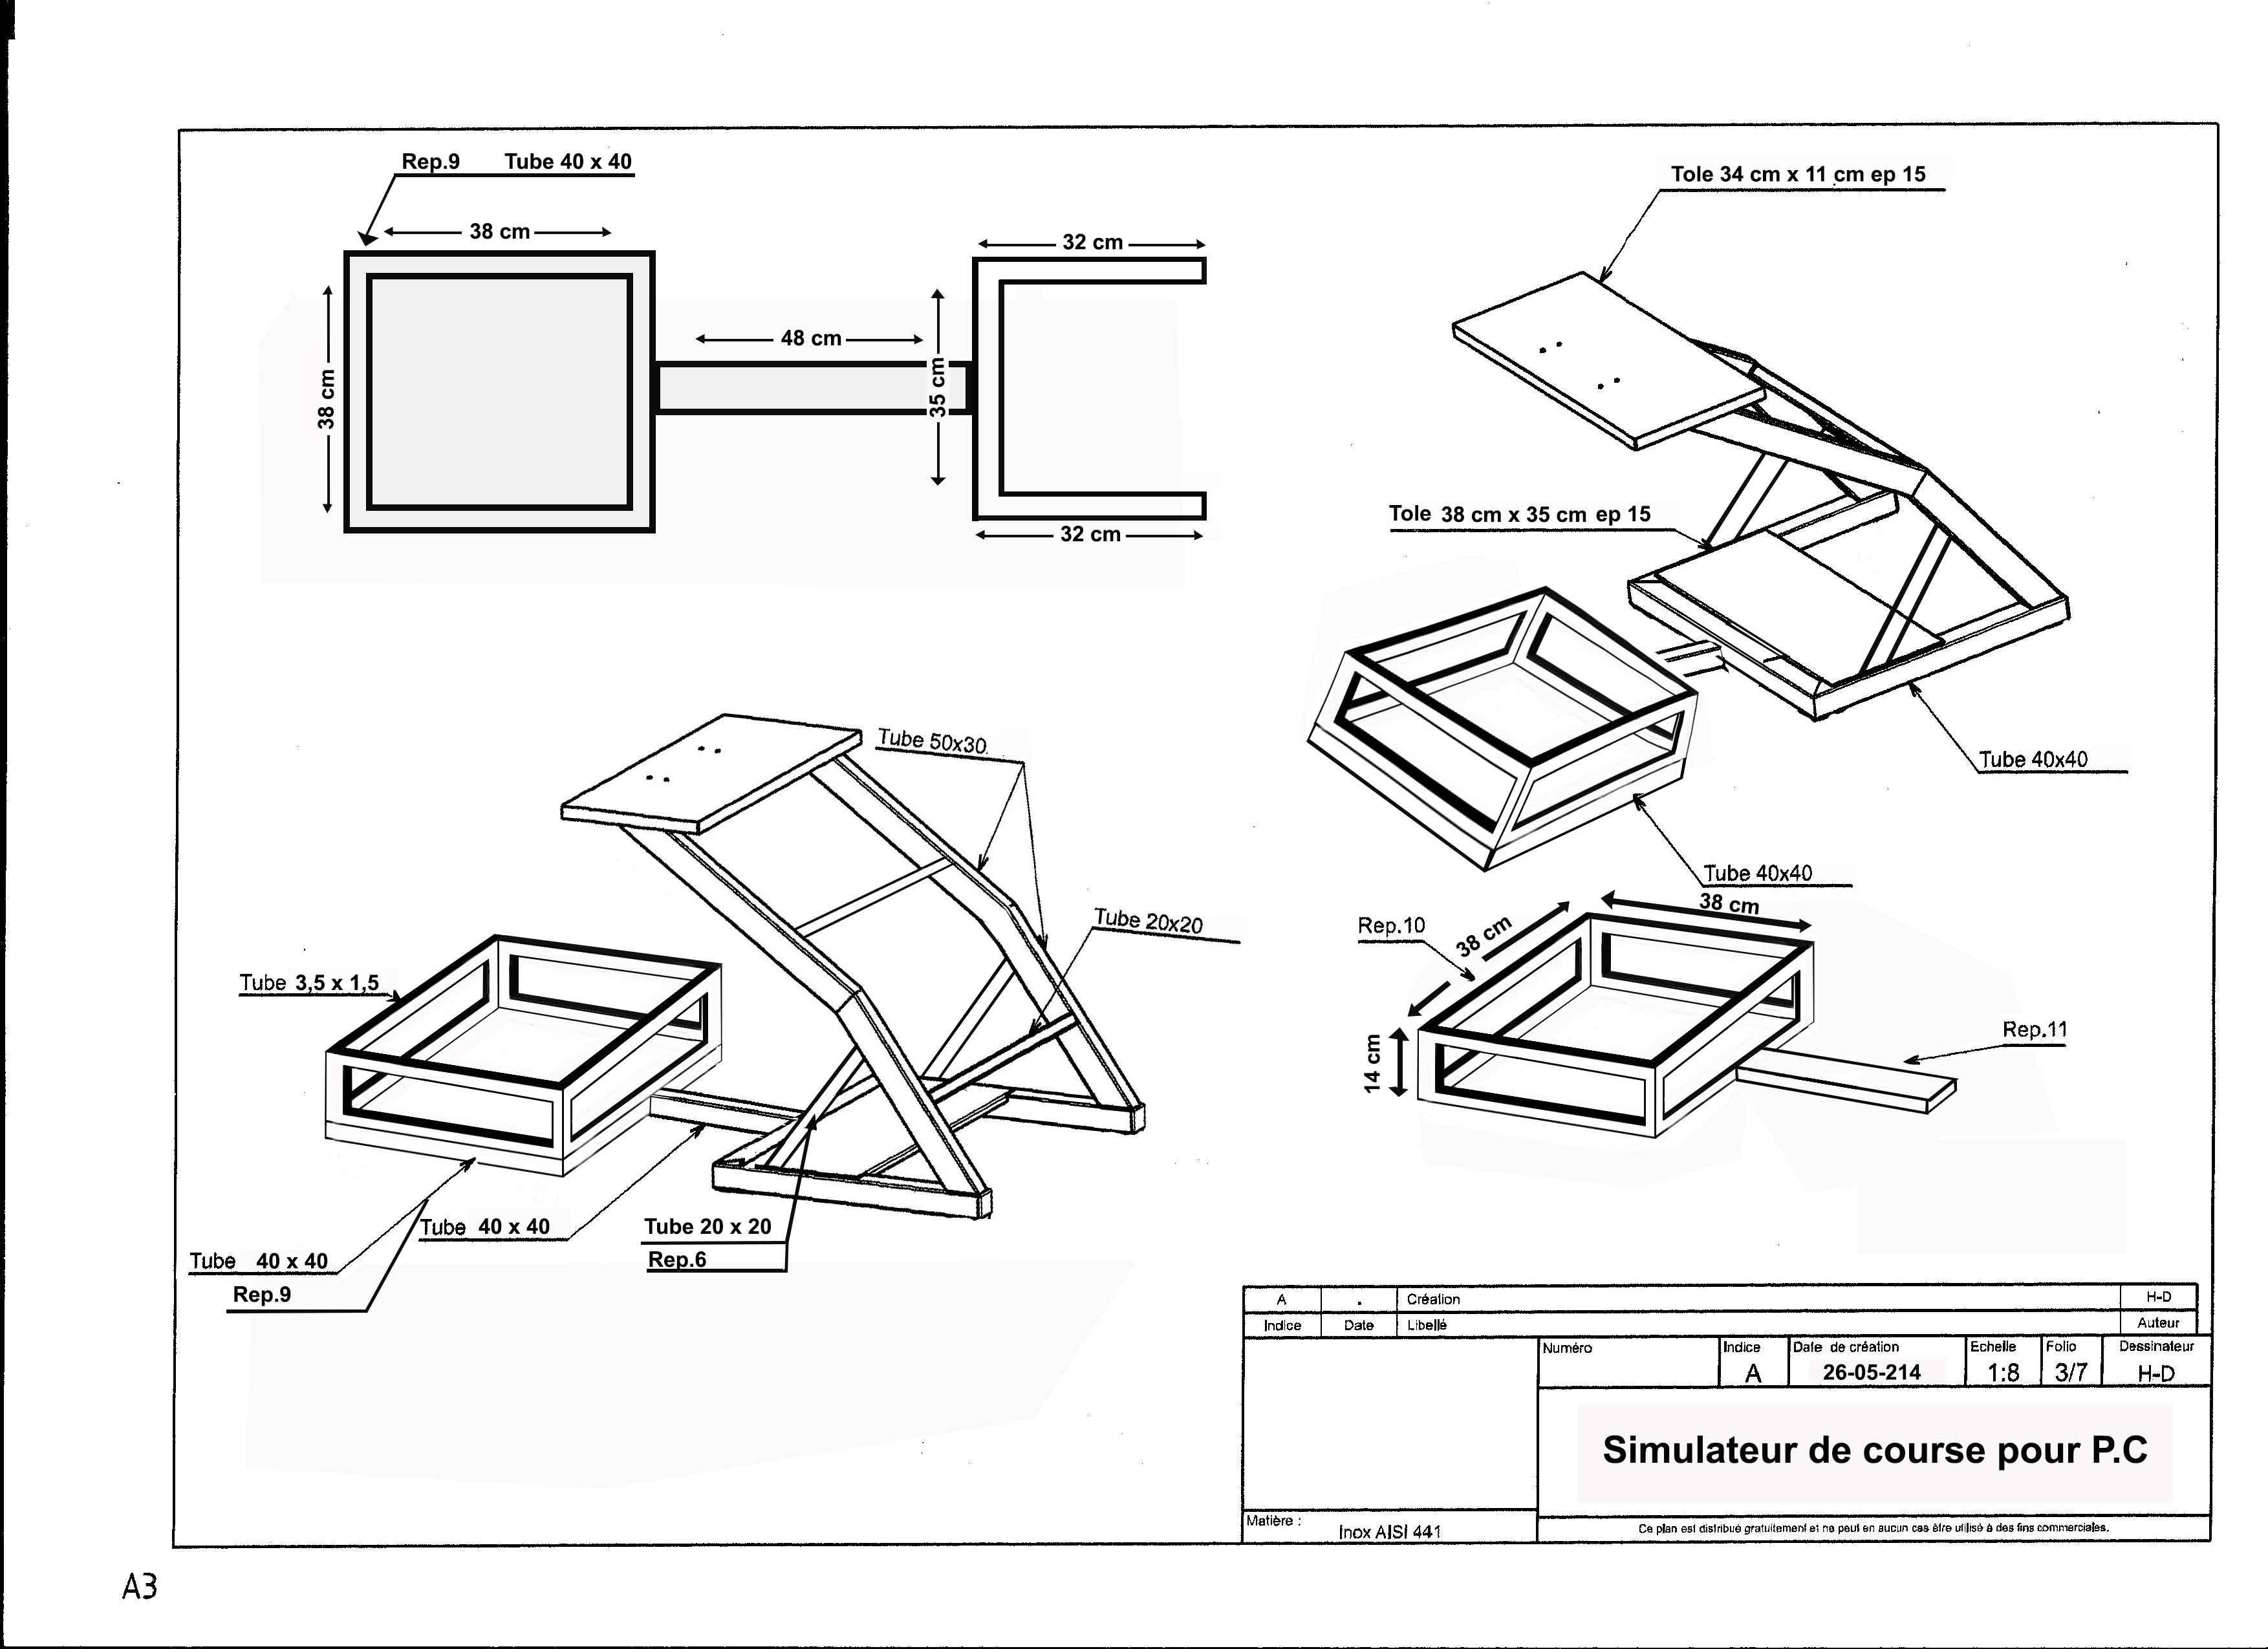 racingfr mon projet simulateur dynamique frex like de fred06200. Black Bedroom Furniture Sets. Home Design Ideas